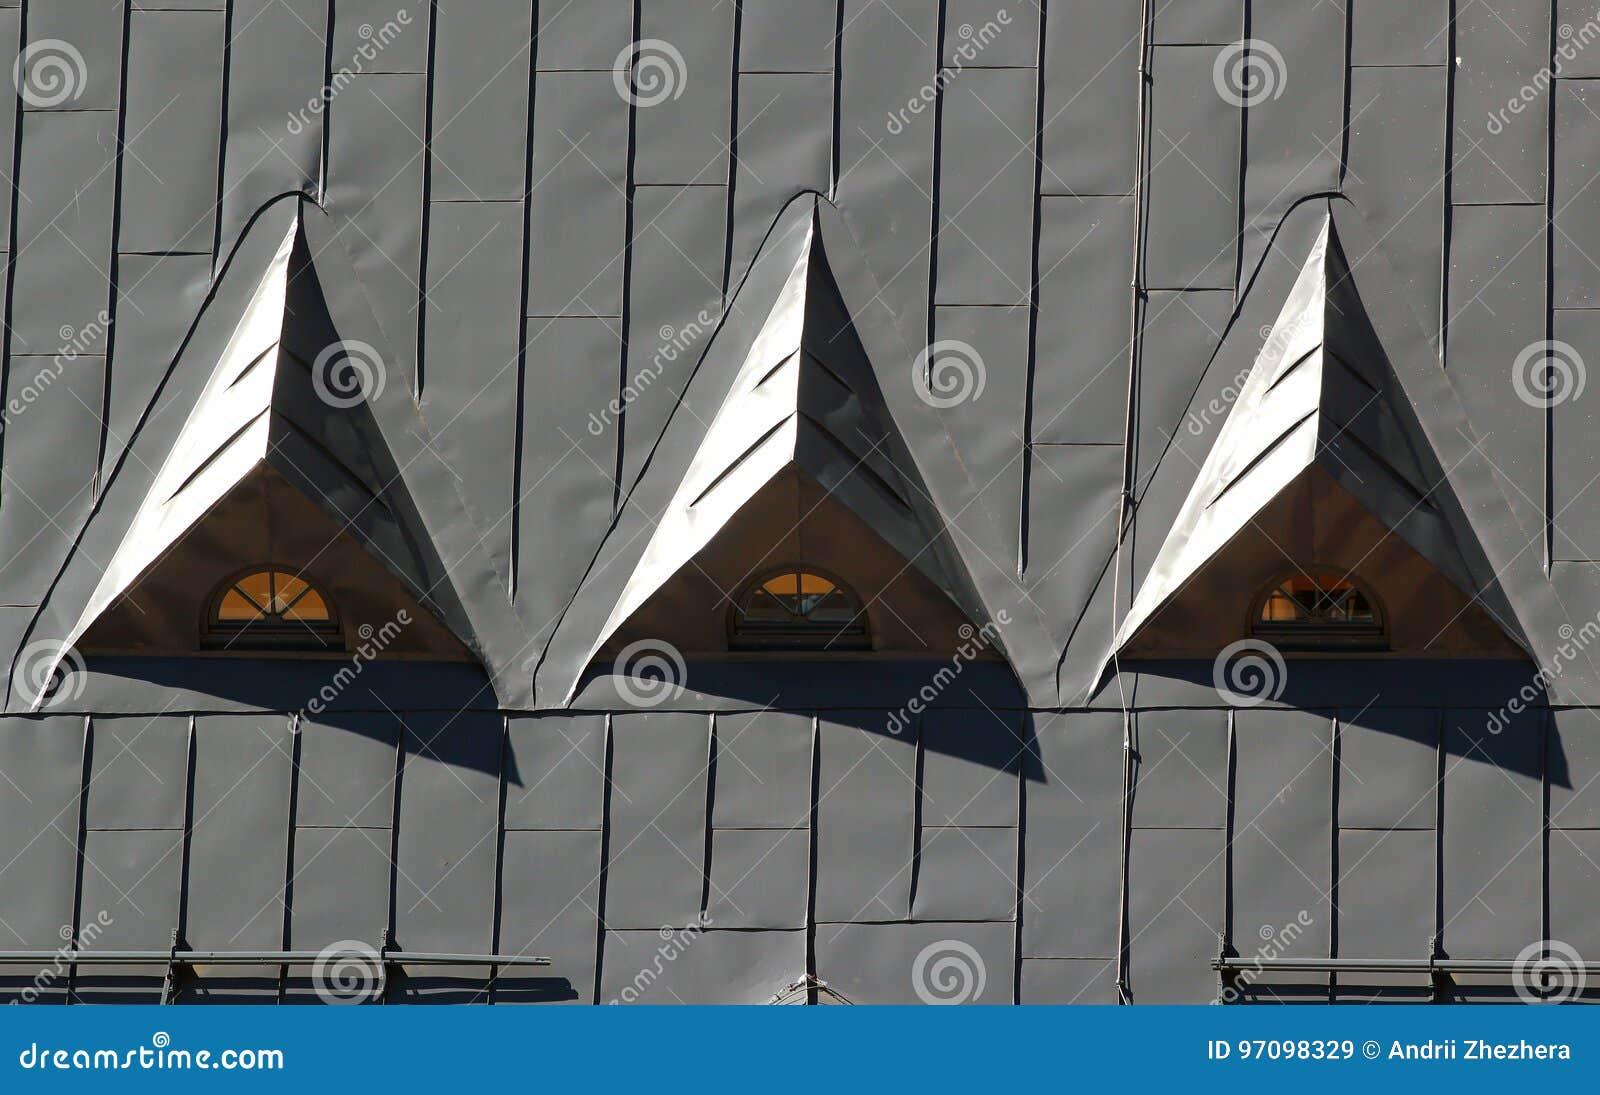 drei dreieckige dachbodenfenster in einem metalldach stockbild